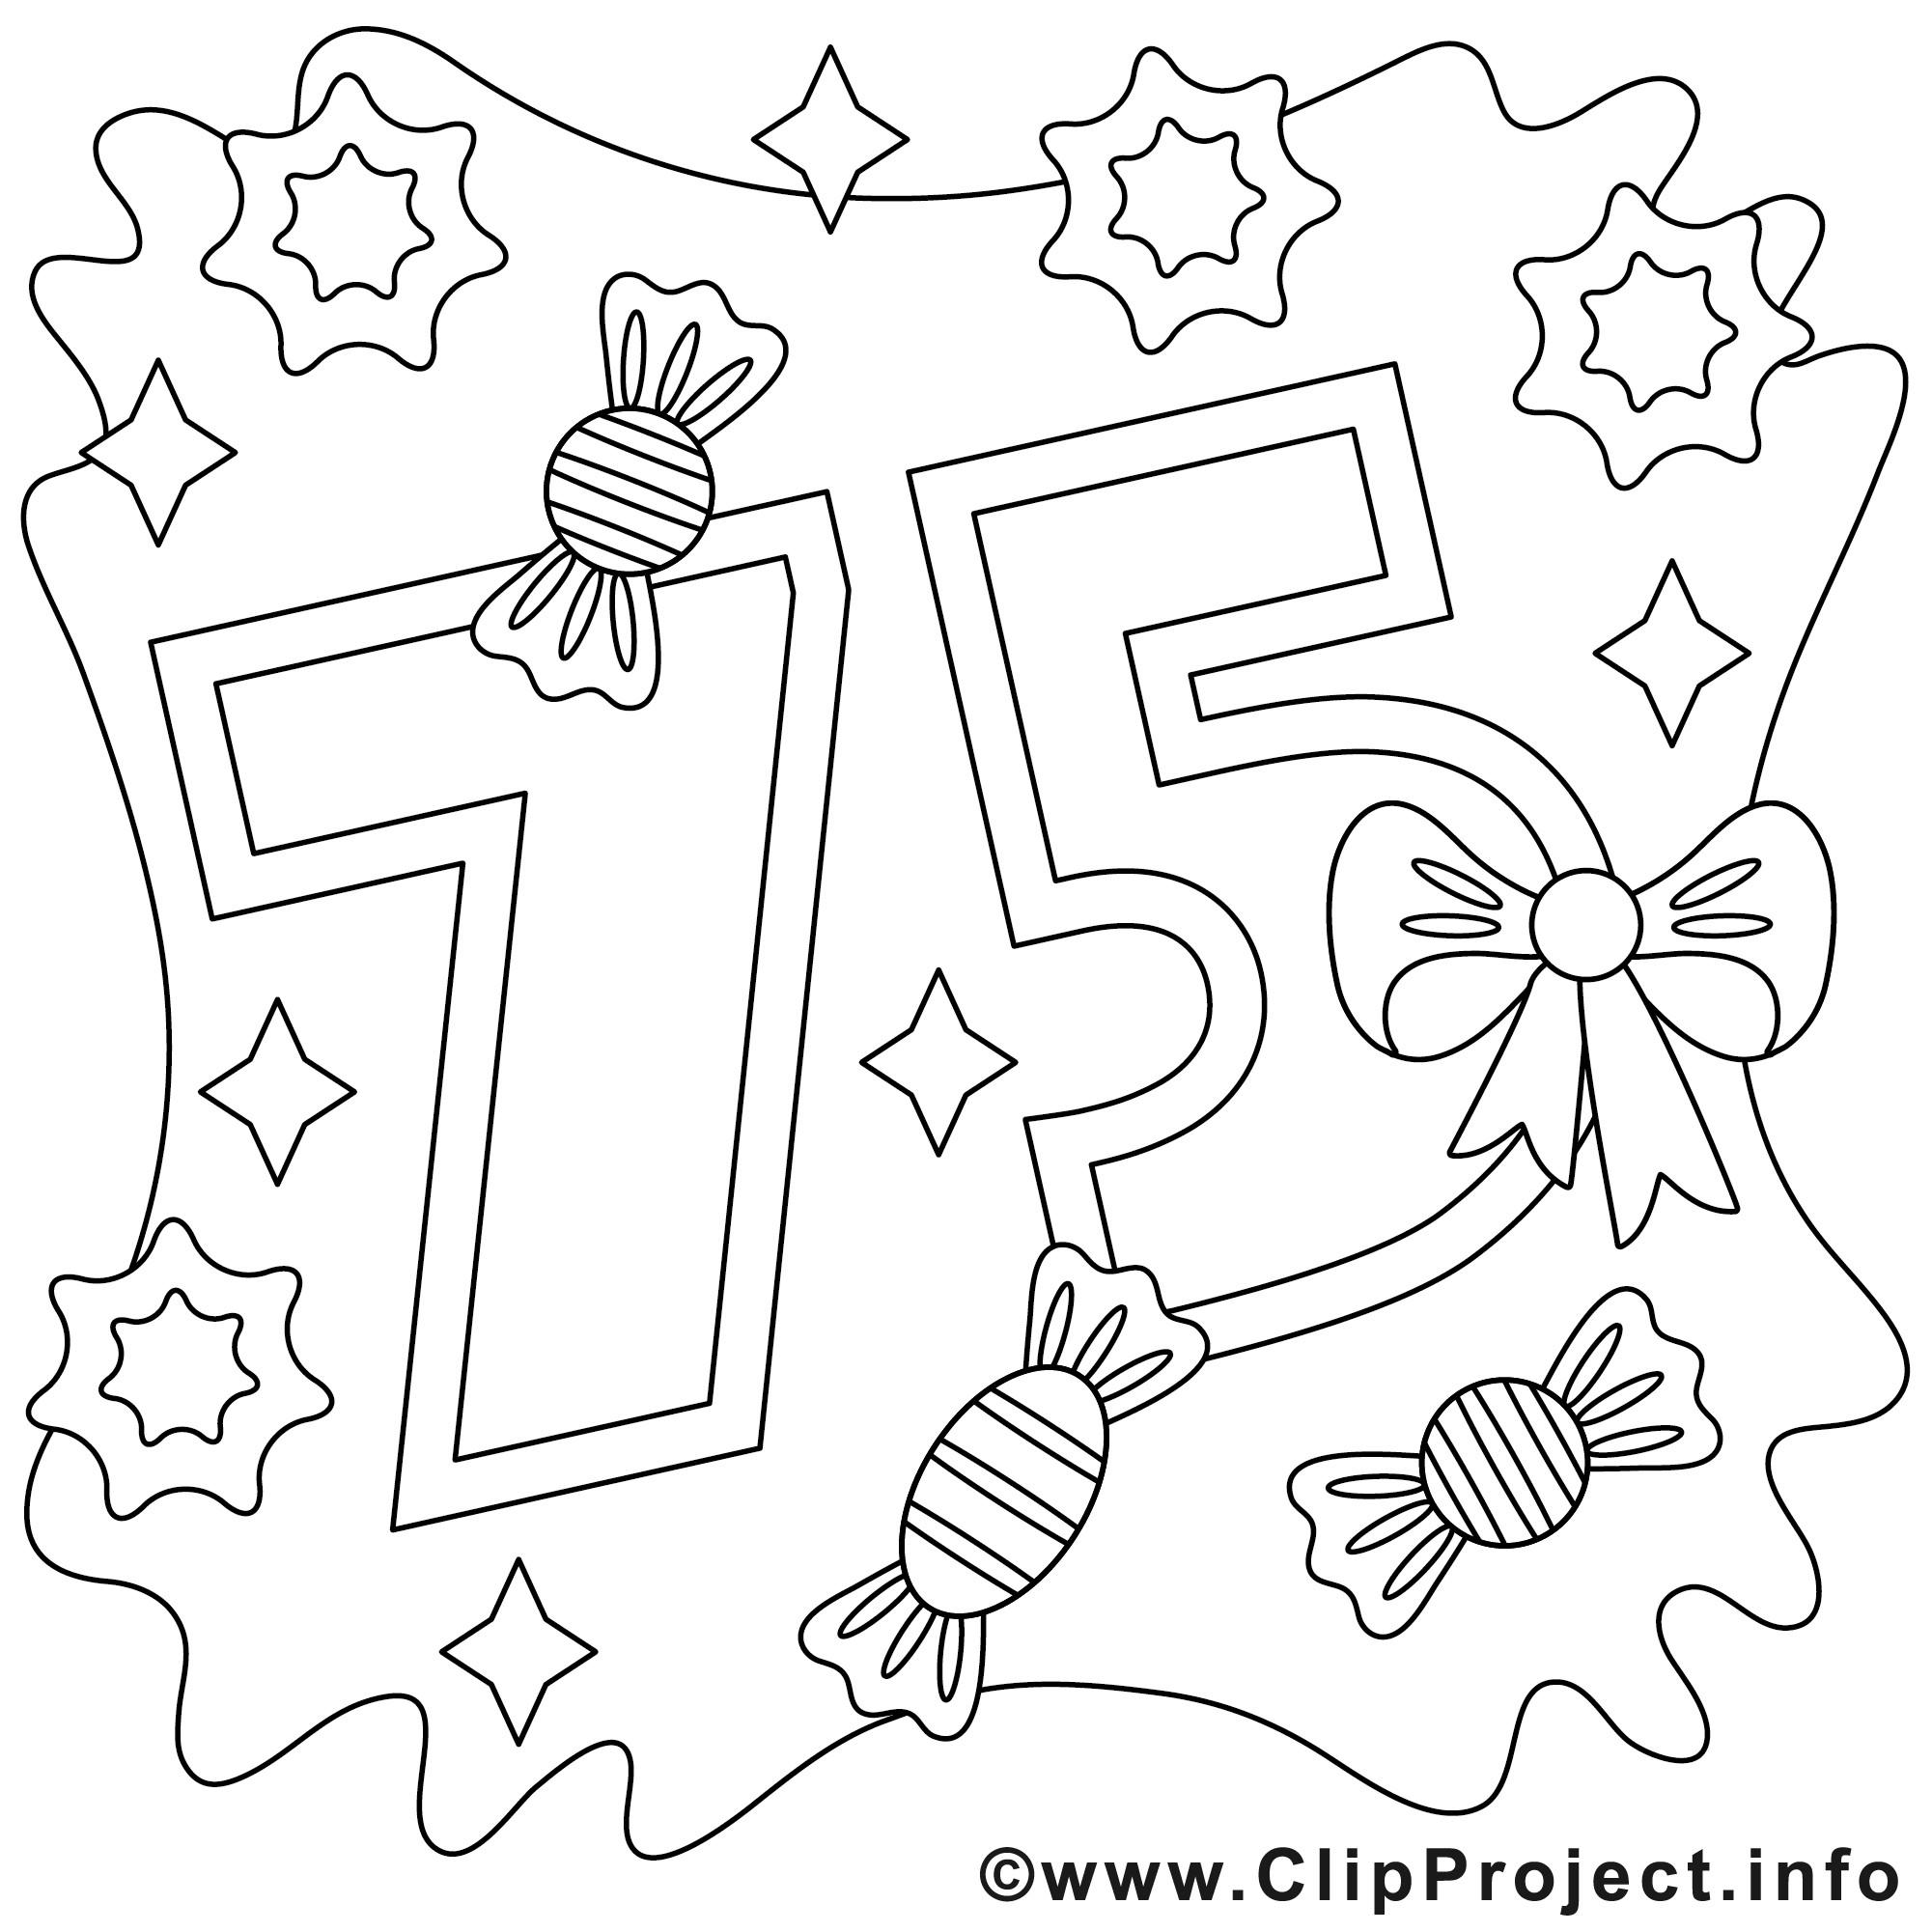 Geburtstagssprüche Zum 75  Tinnitus Healing Geburtstagssprüche Zum 75 Für Eine Frau